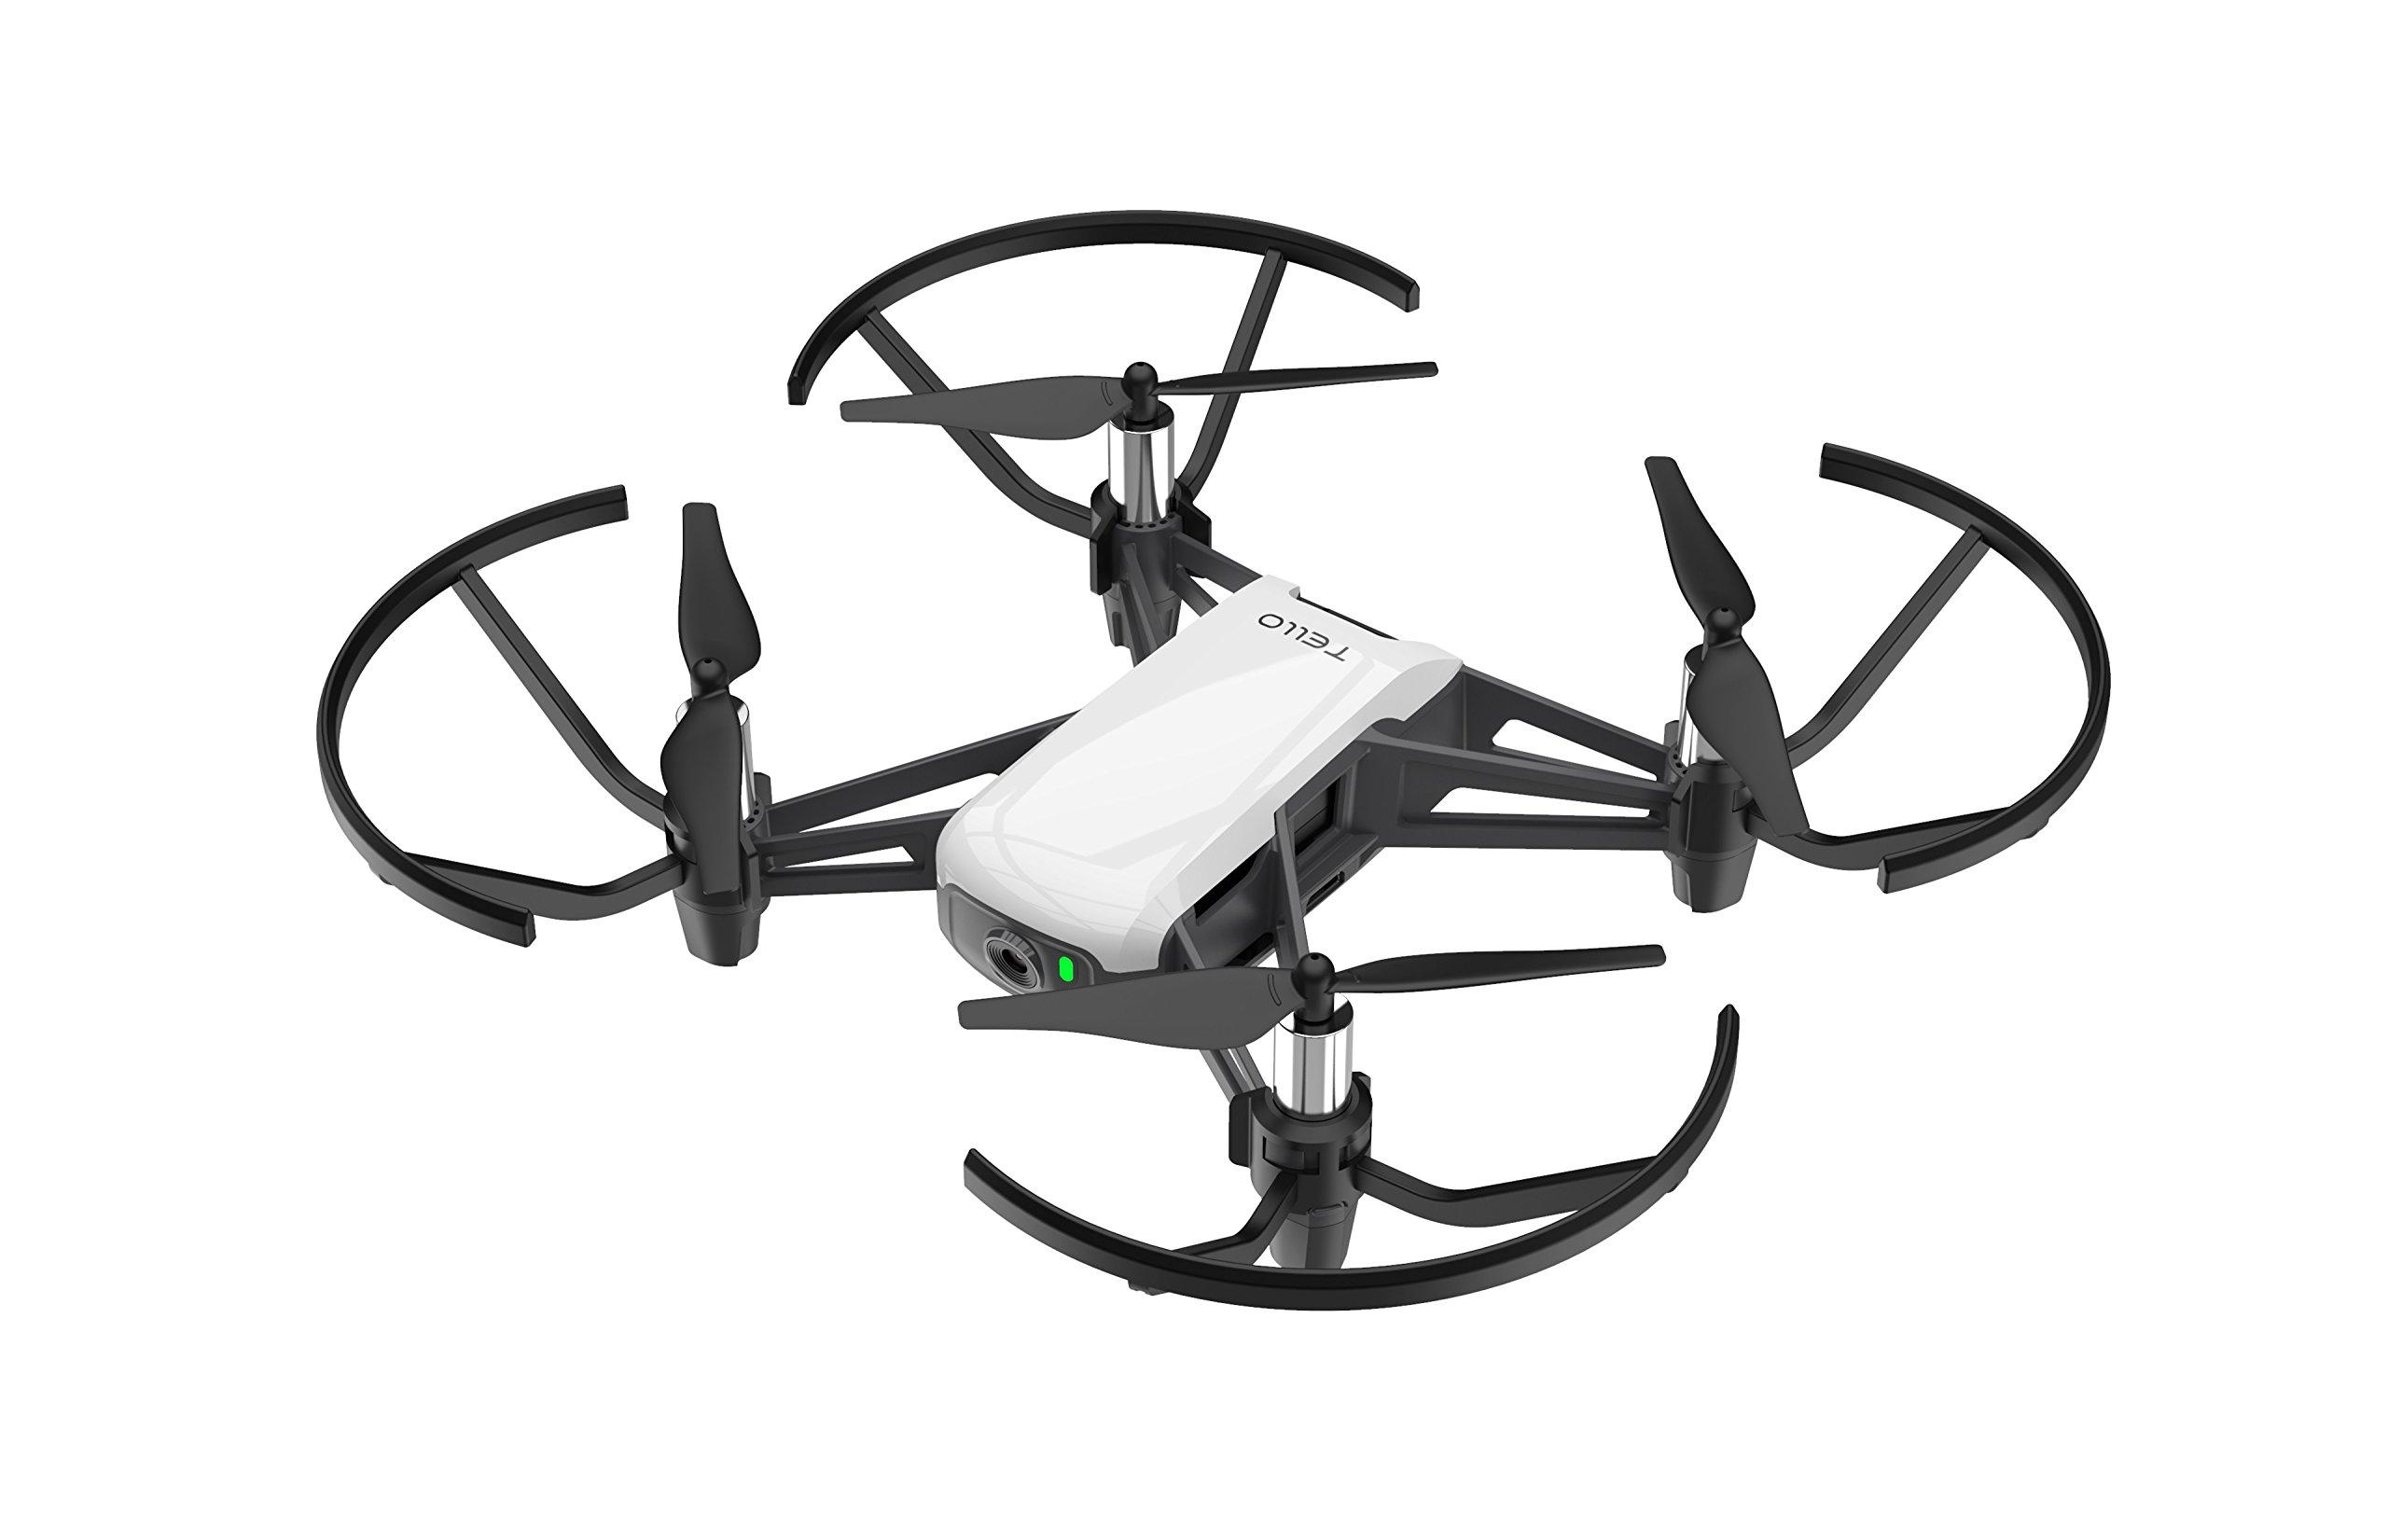 Ryze-DJI-Drone-Tello-compatibilit-casques-VR-et-contrleur-720p-Transmission-HD-et-100m-distance-de-vol-2-antennes-Blanc